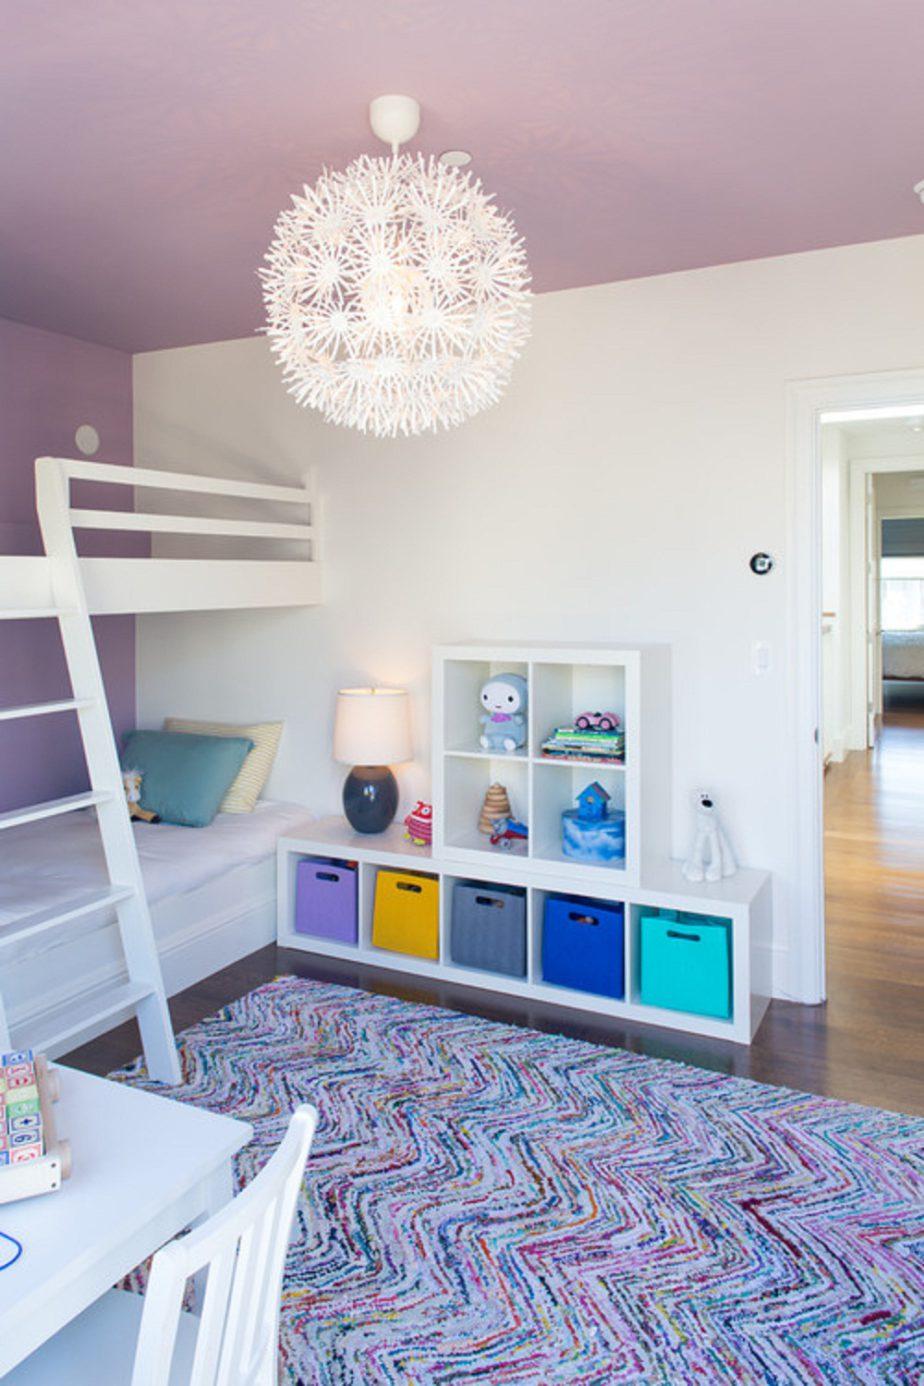 TOP Childrens Bedroom Ceiling Lights Warisan Lighting - Kids bedroom ceilings